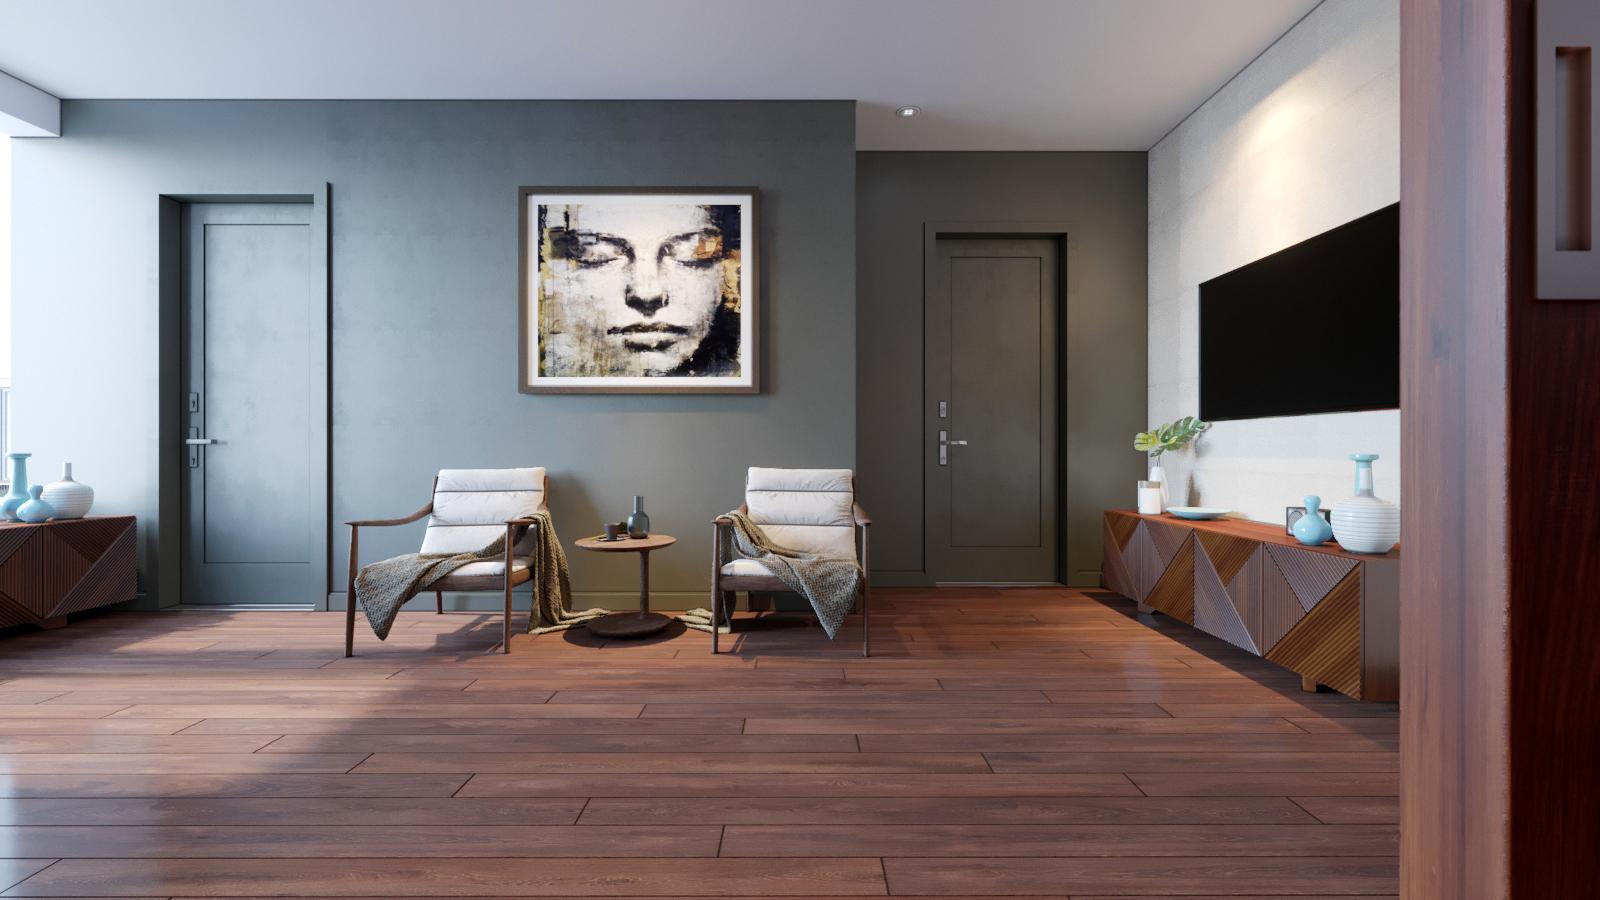 thiết kế Nội thất Biệt Thự 3 tầng biệt thự bt25 splendora mới (lakeside splendora)327